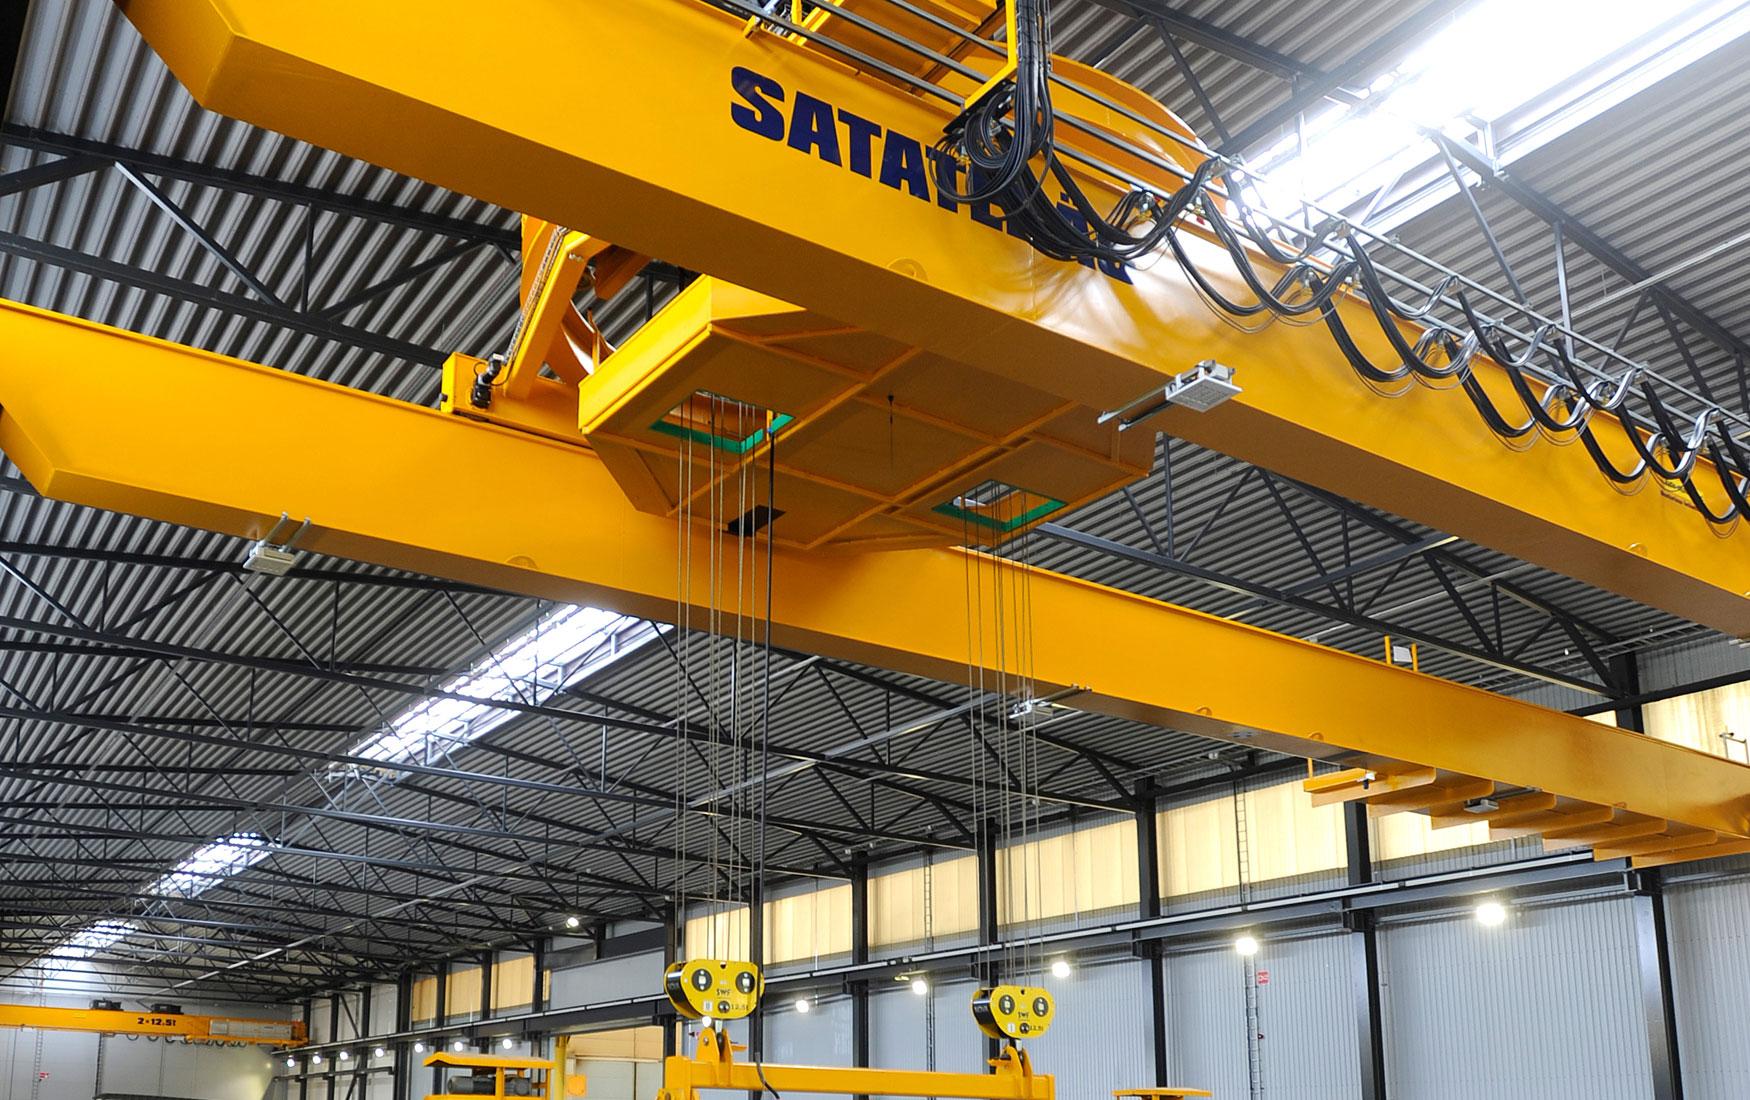 teollisuus-metalliteollisuus-teollisuuden-siltanosturit-satateras-siltanosturi-8